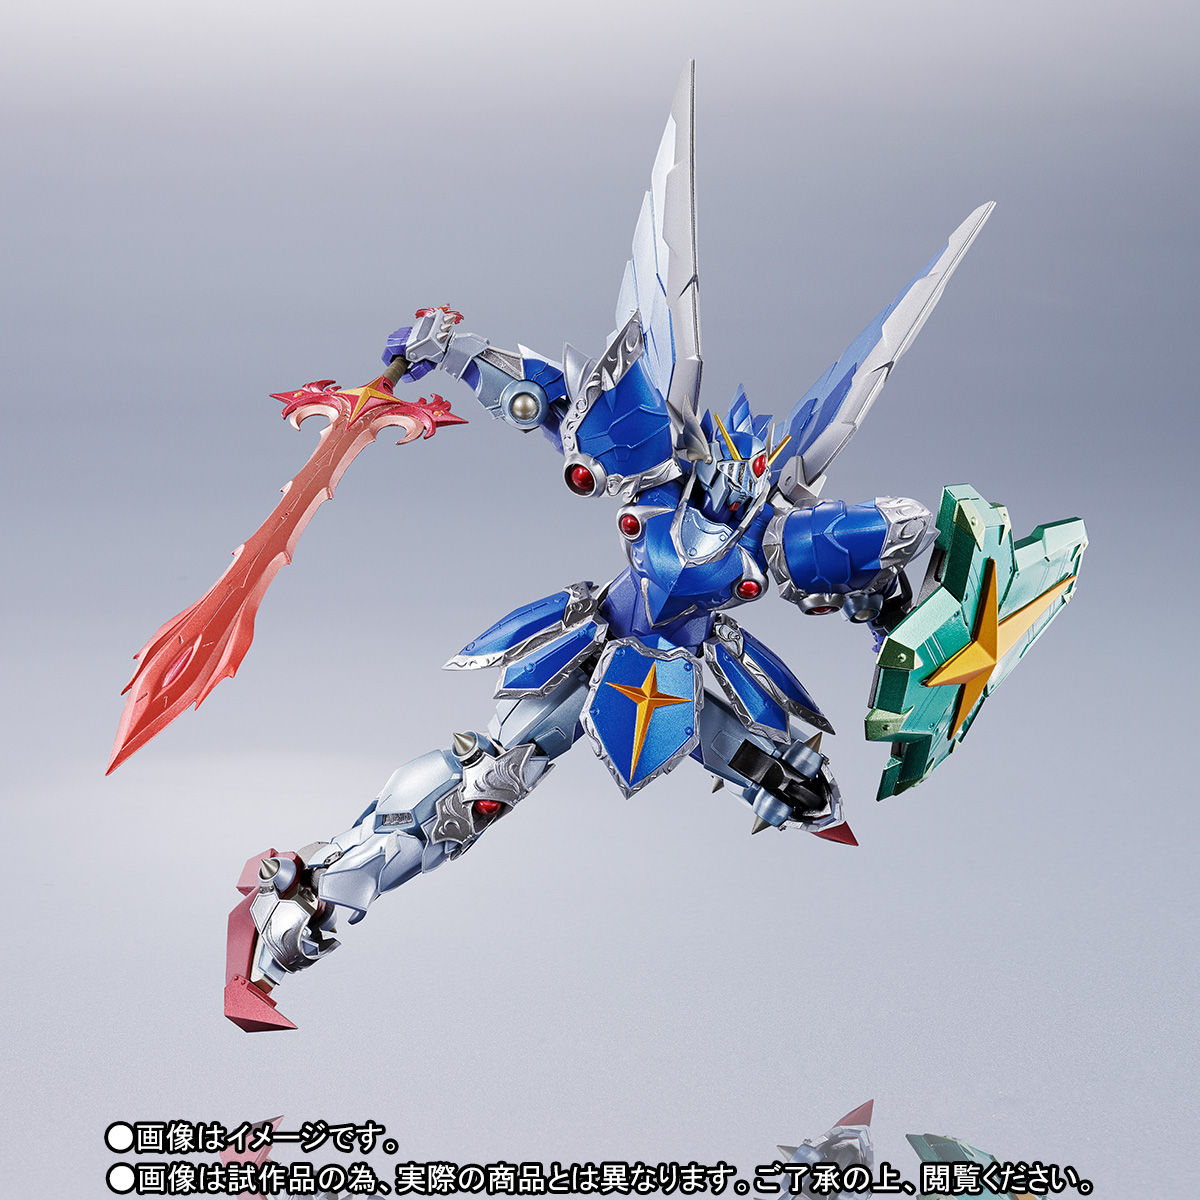 METAL ROBOT魂 〈SIDE MS〉『フルアーマー騎士ガンダム(リアルタイプver.)|SDガンダム外伝』可動フィギュア-010